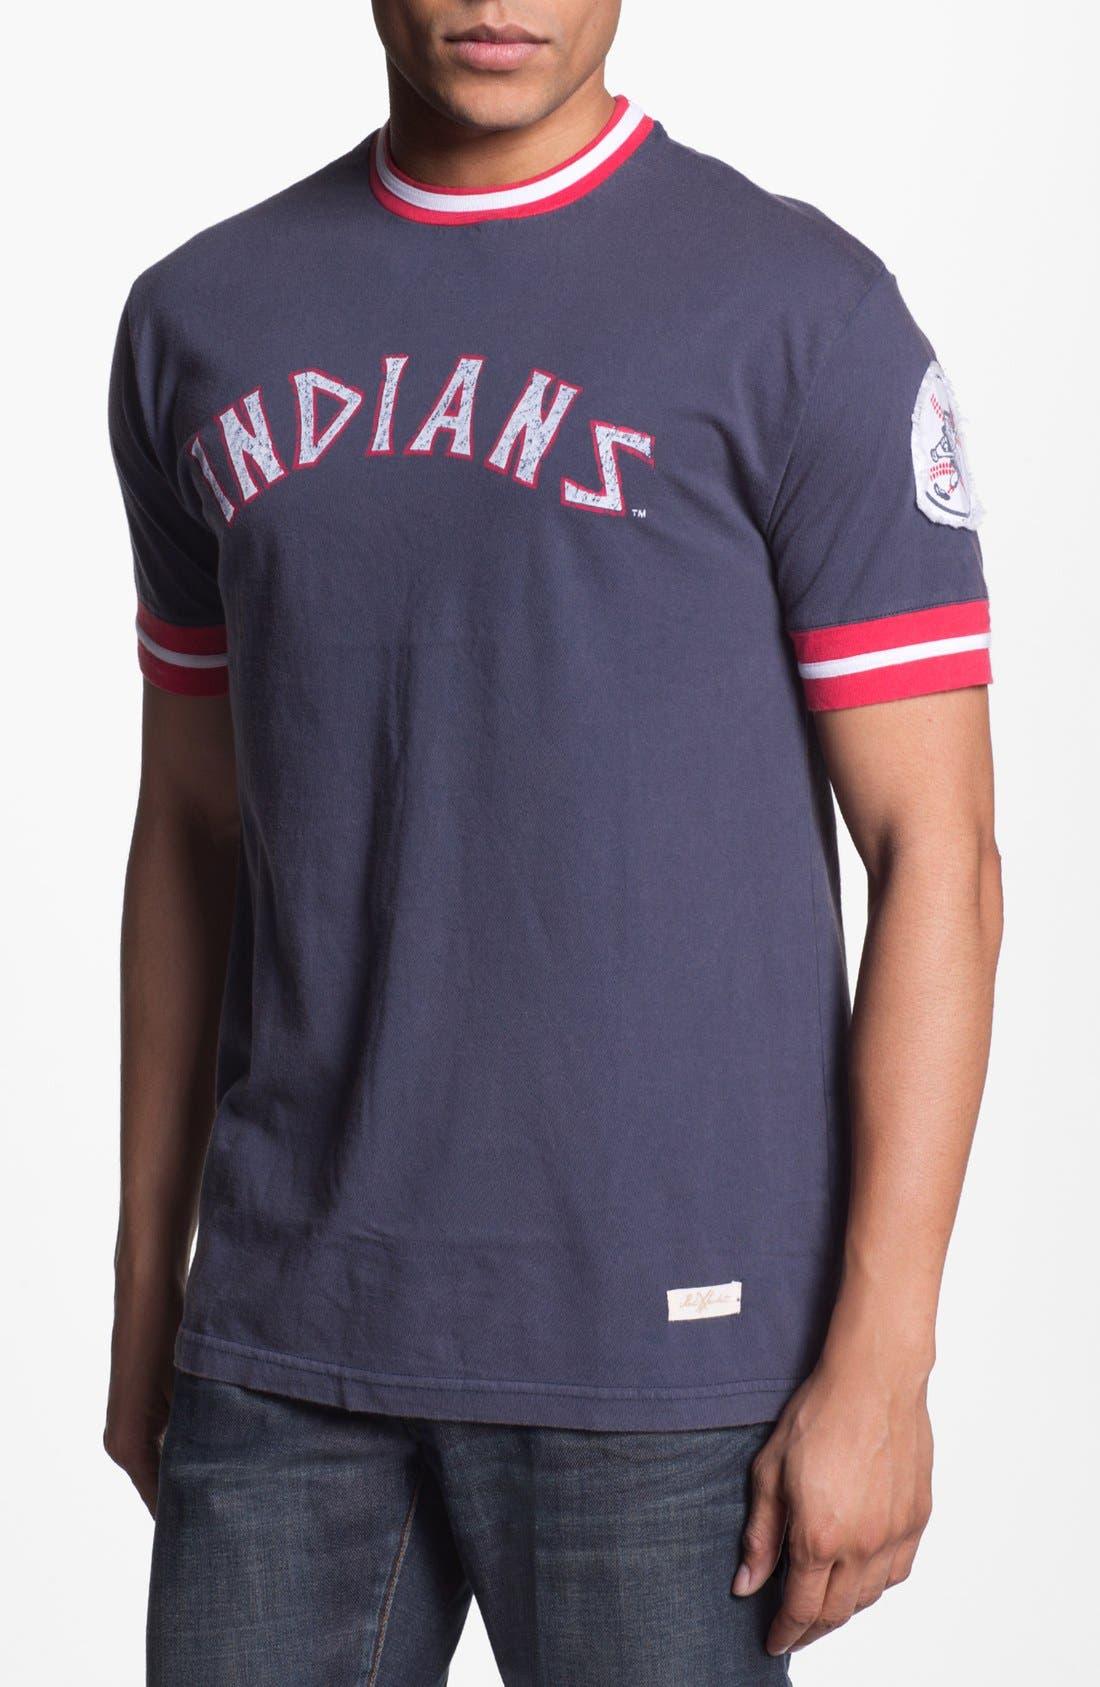 Main Image - Red Jacket 'Cleveland Indians' Trim Fit Crewneck Ringer T-Shirt